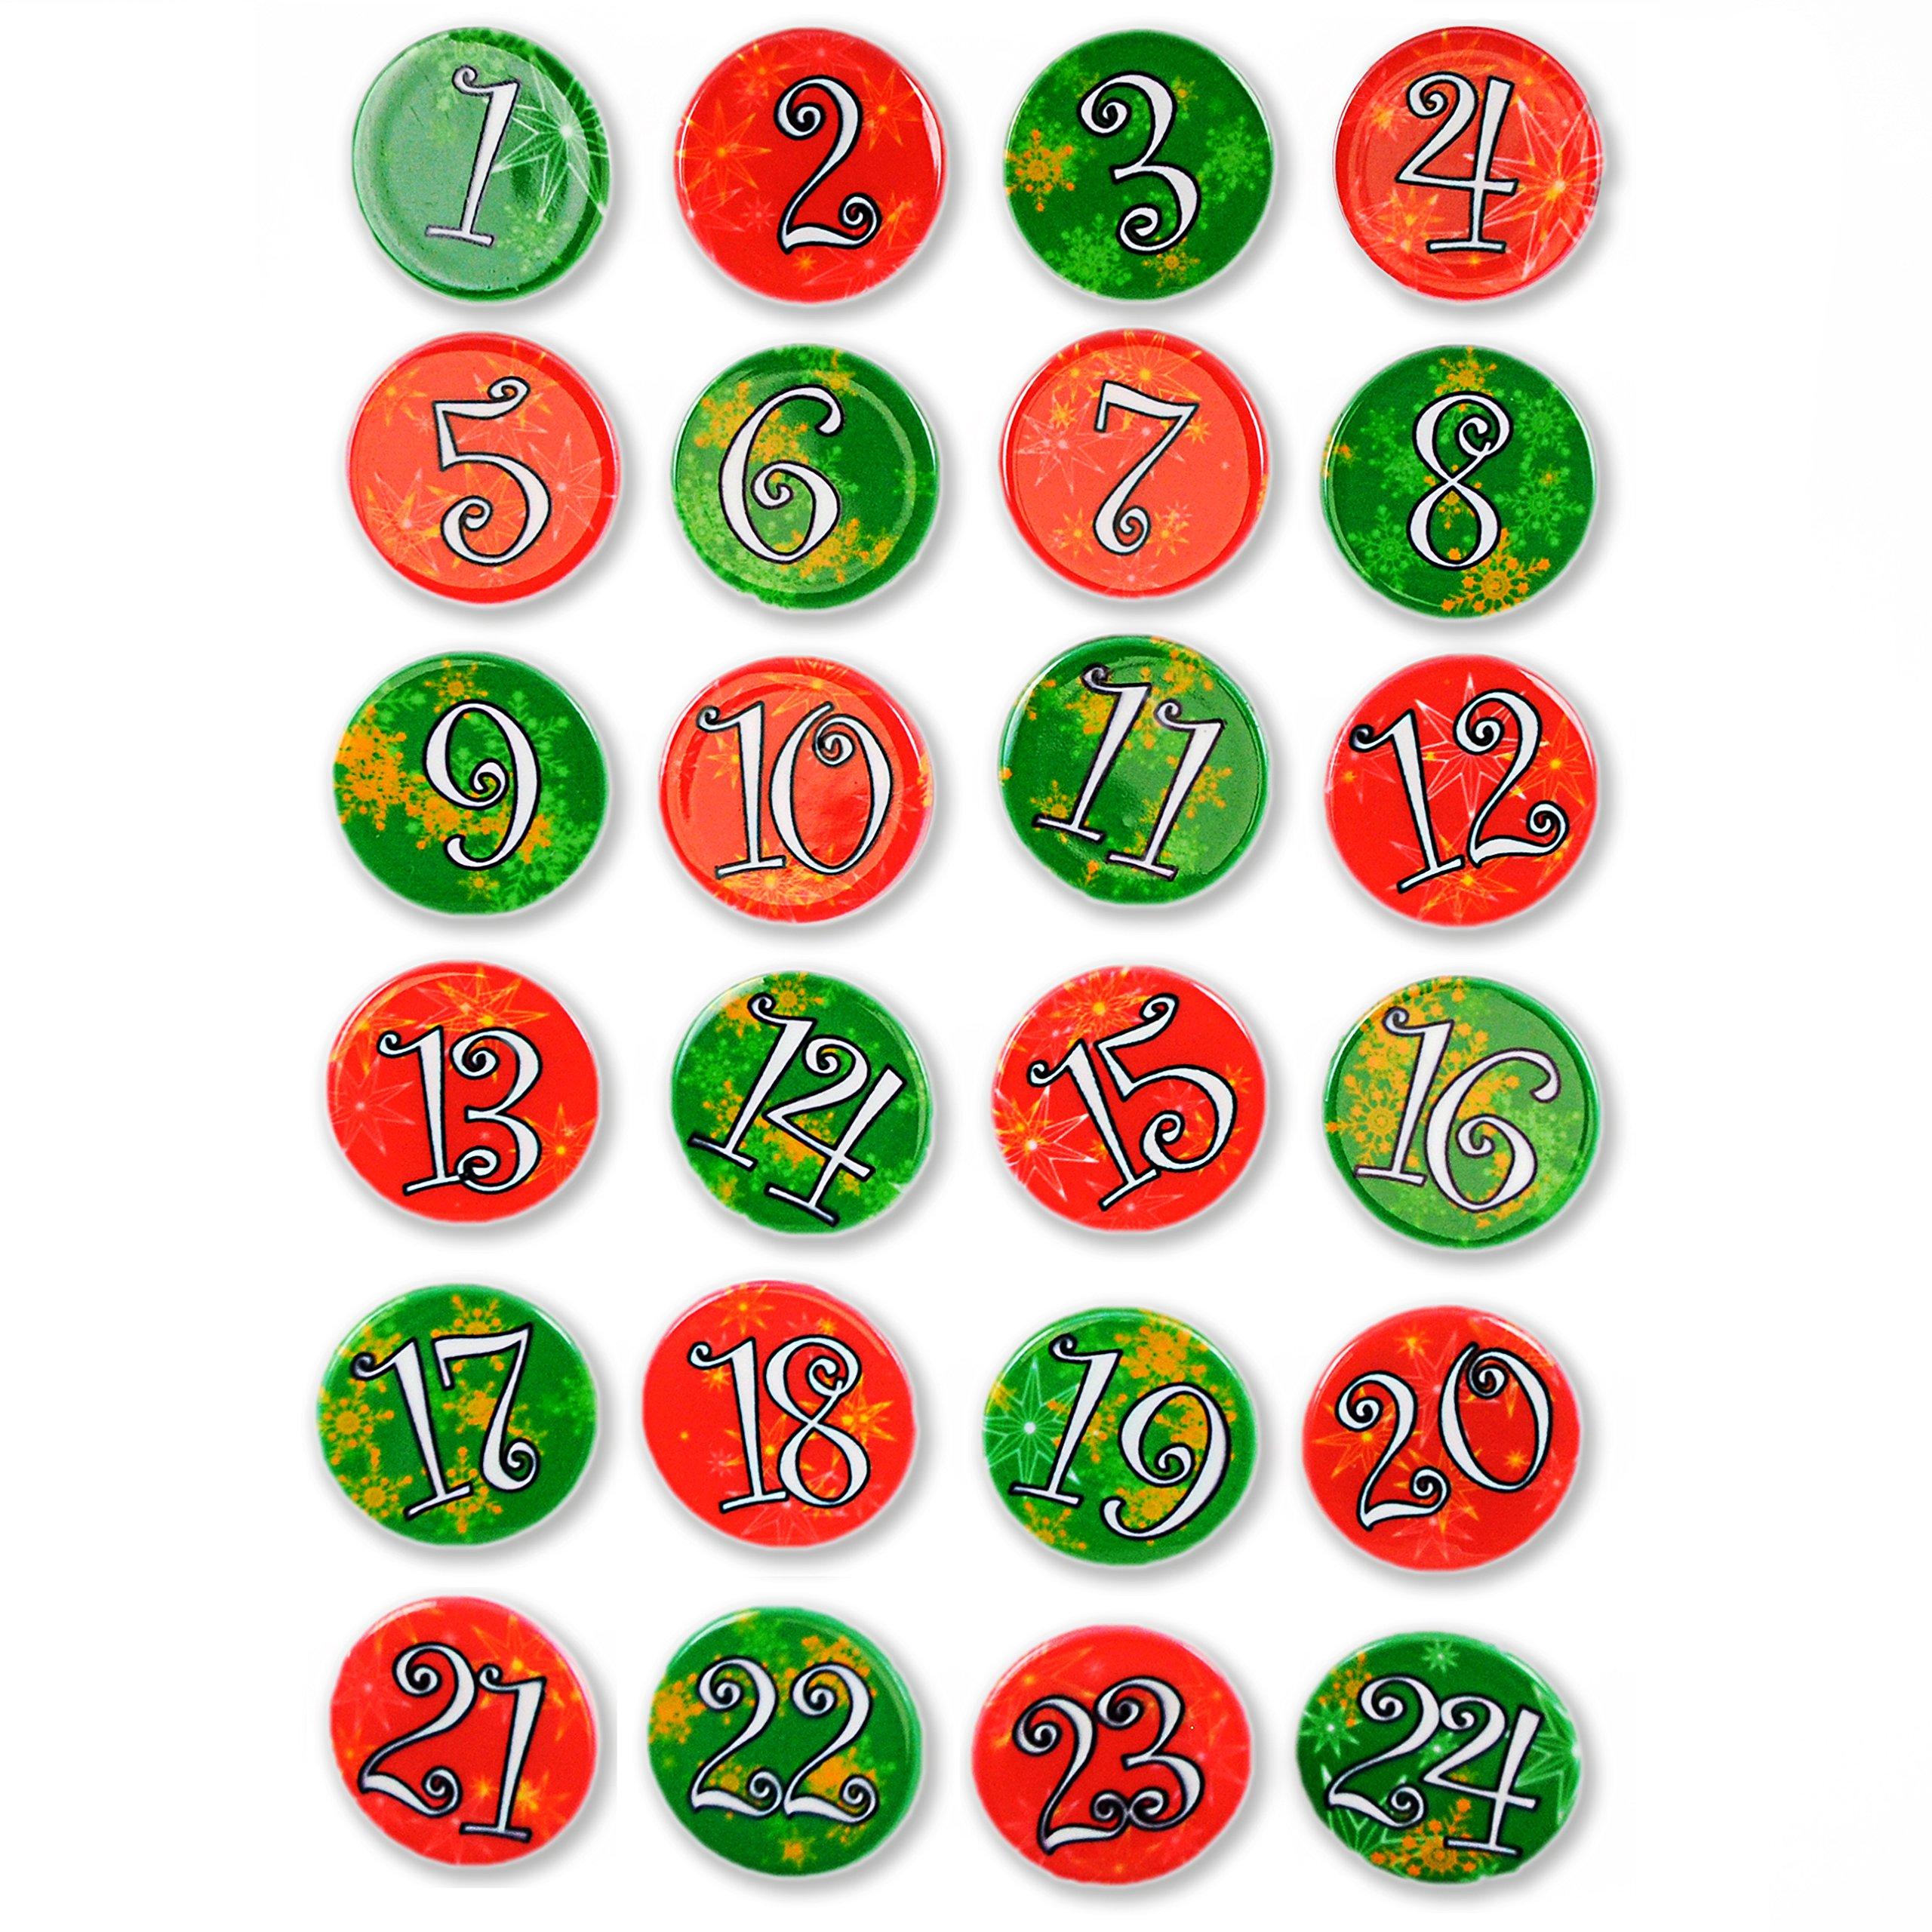 Numeri Per Calendario Avvento.Dettagli Su Calendario Dell Avvento Bottoni Colorati 24 Pezzi In Un Set Numeri T2l